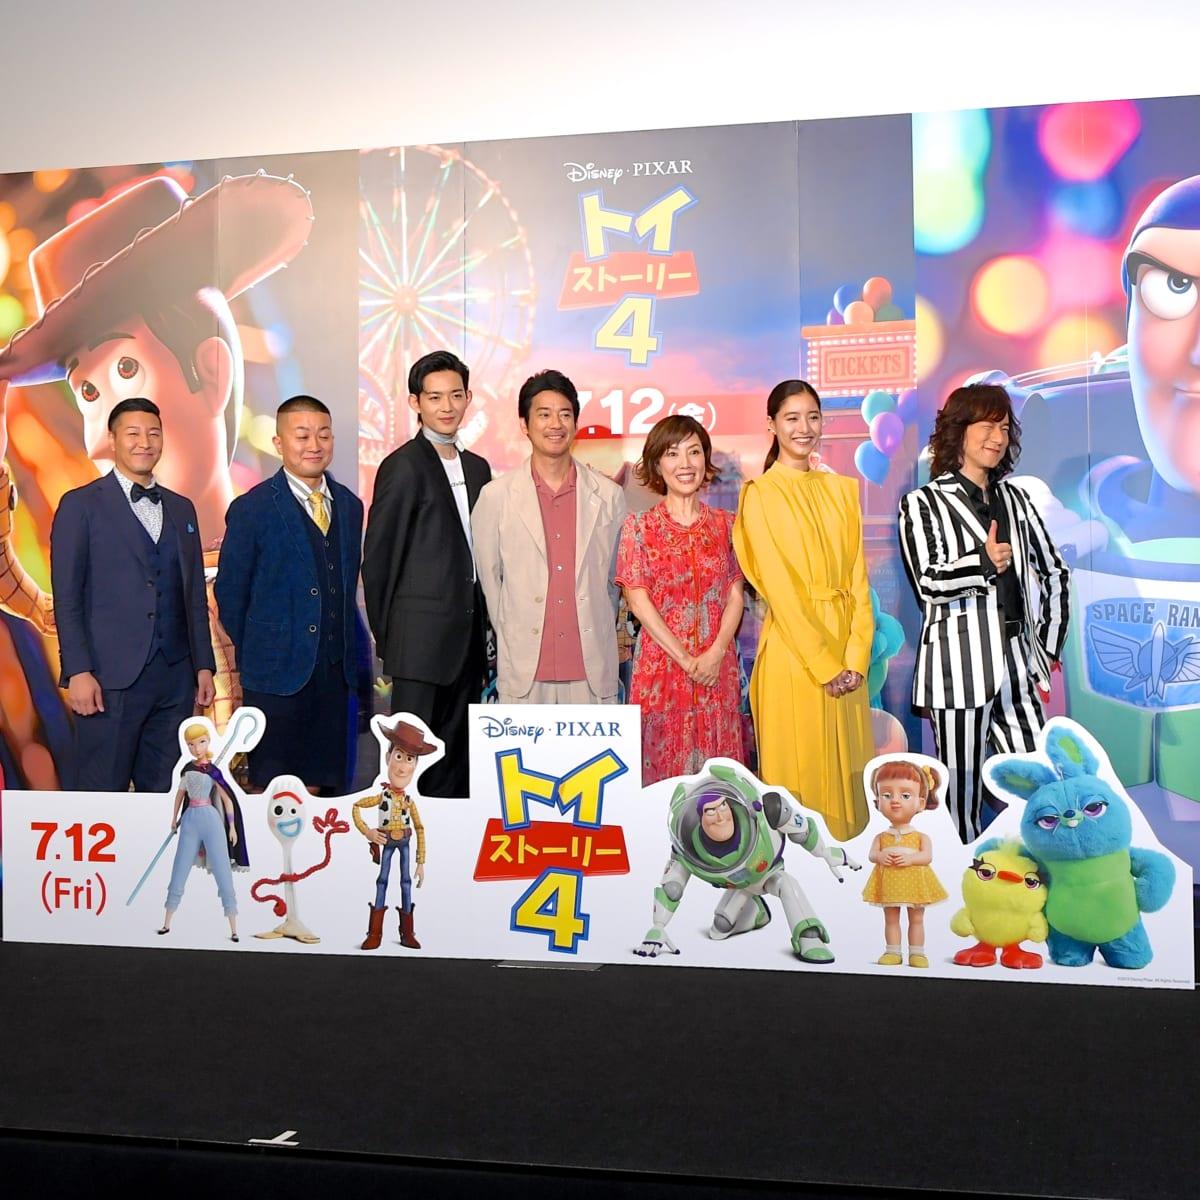 ディズニー/ピクサー映画『トイ・ストーリー4』ジャパンプレミアレポート2